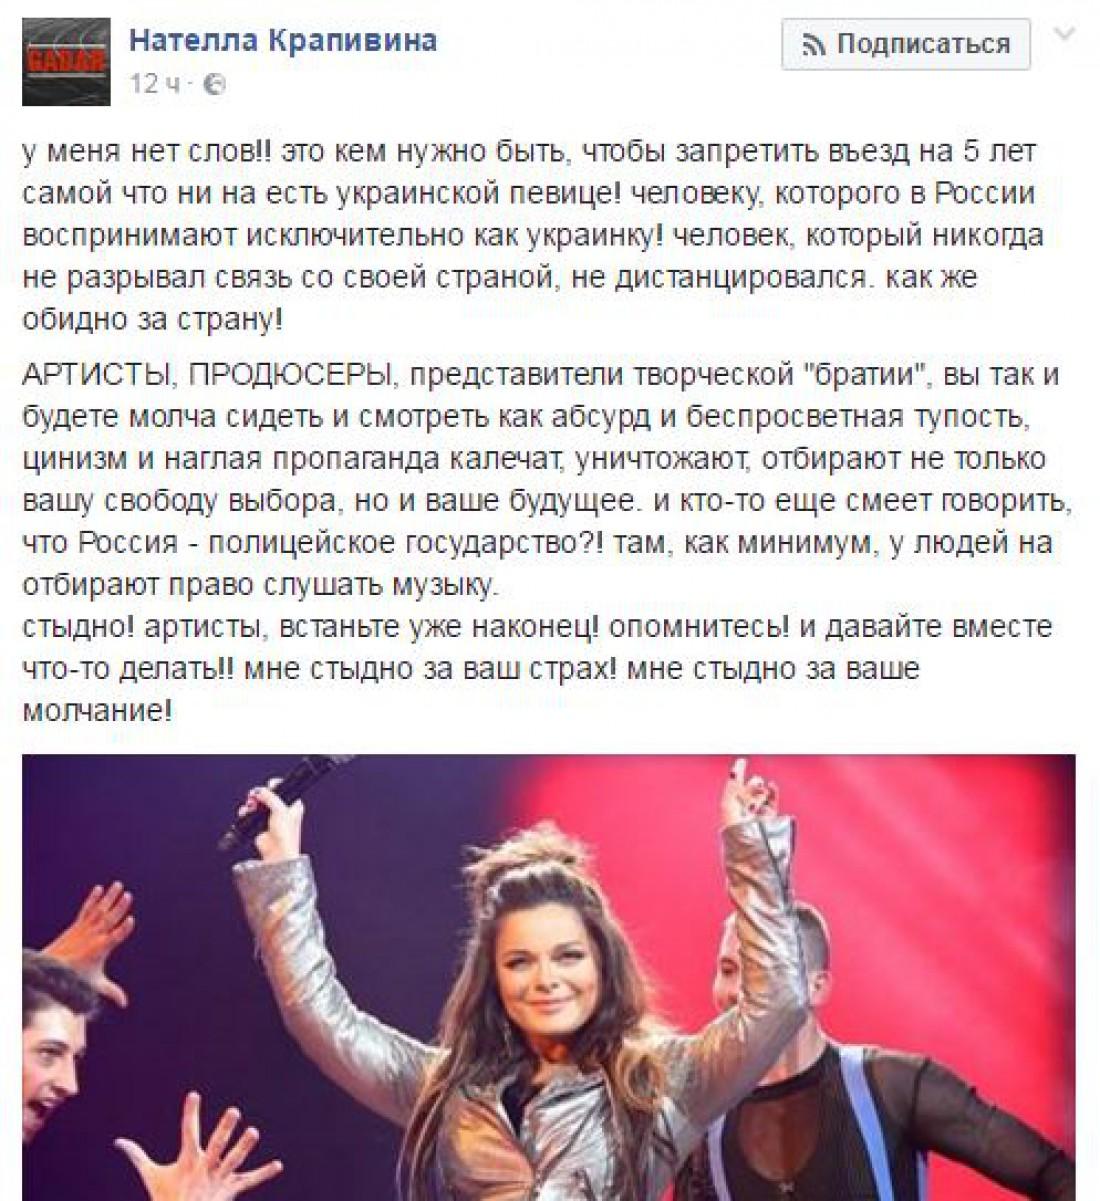 Продюсер Лободы озапрете Королевой: «Артисты, станьте уже, вконце концов! Опомнитесь!»